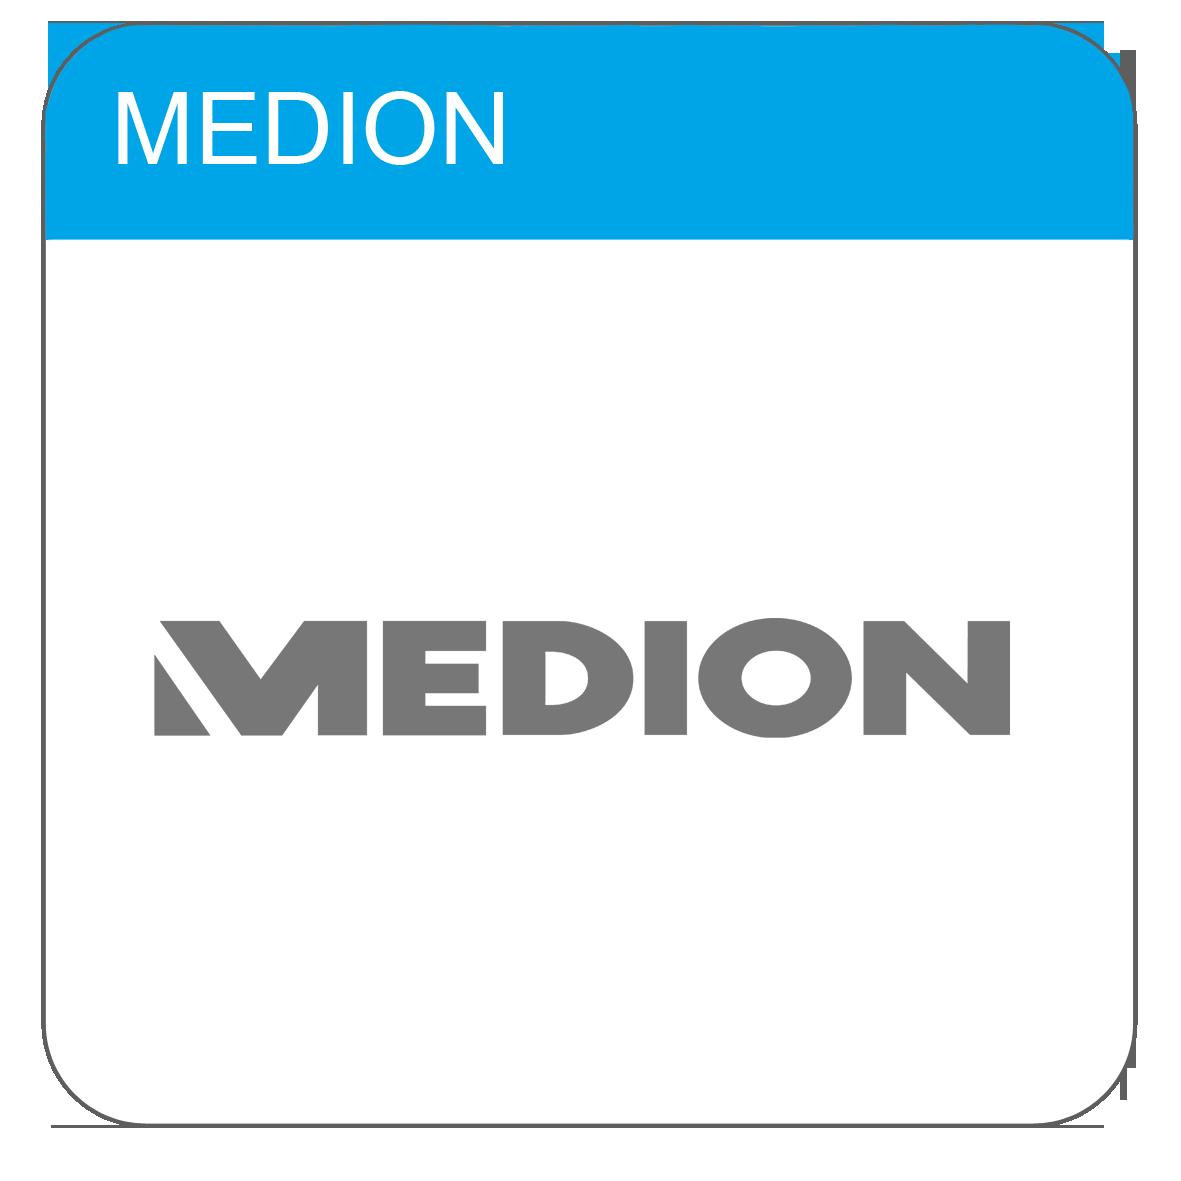 Medion Drivers & Handleidingen